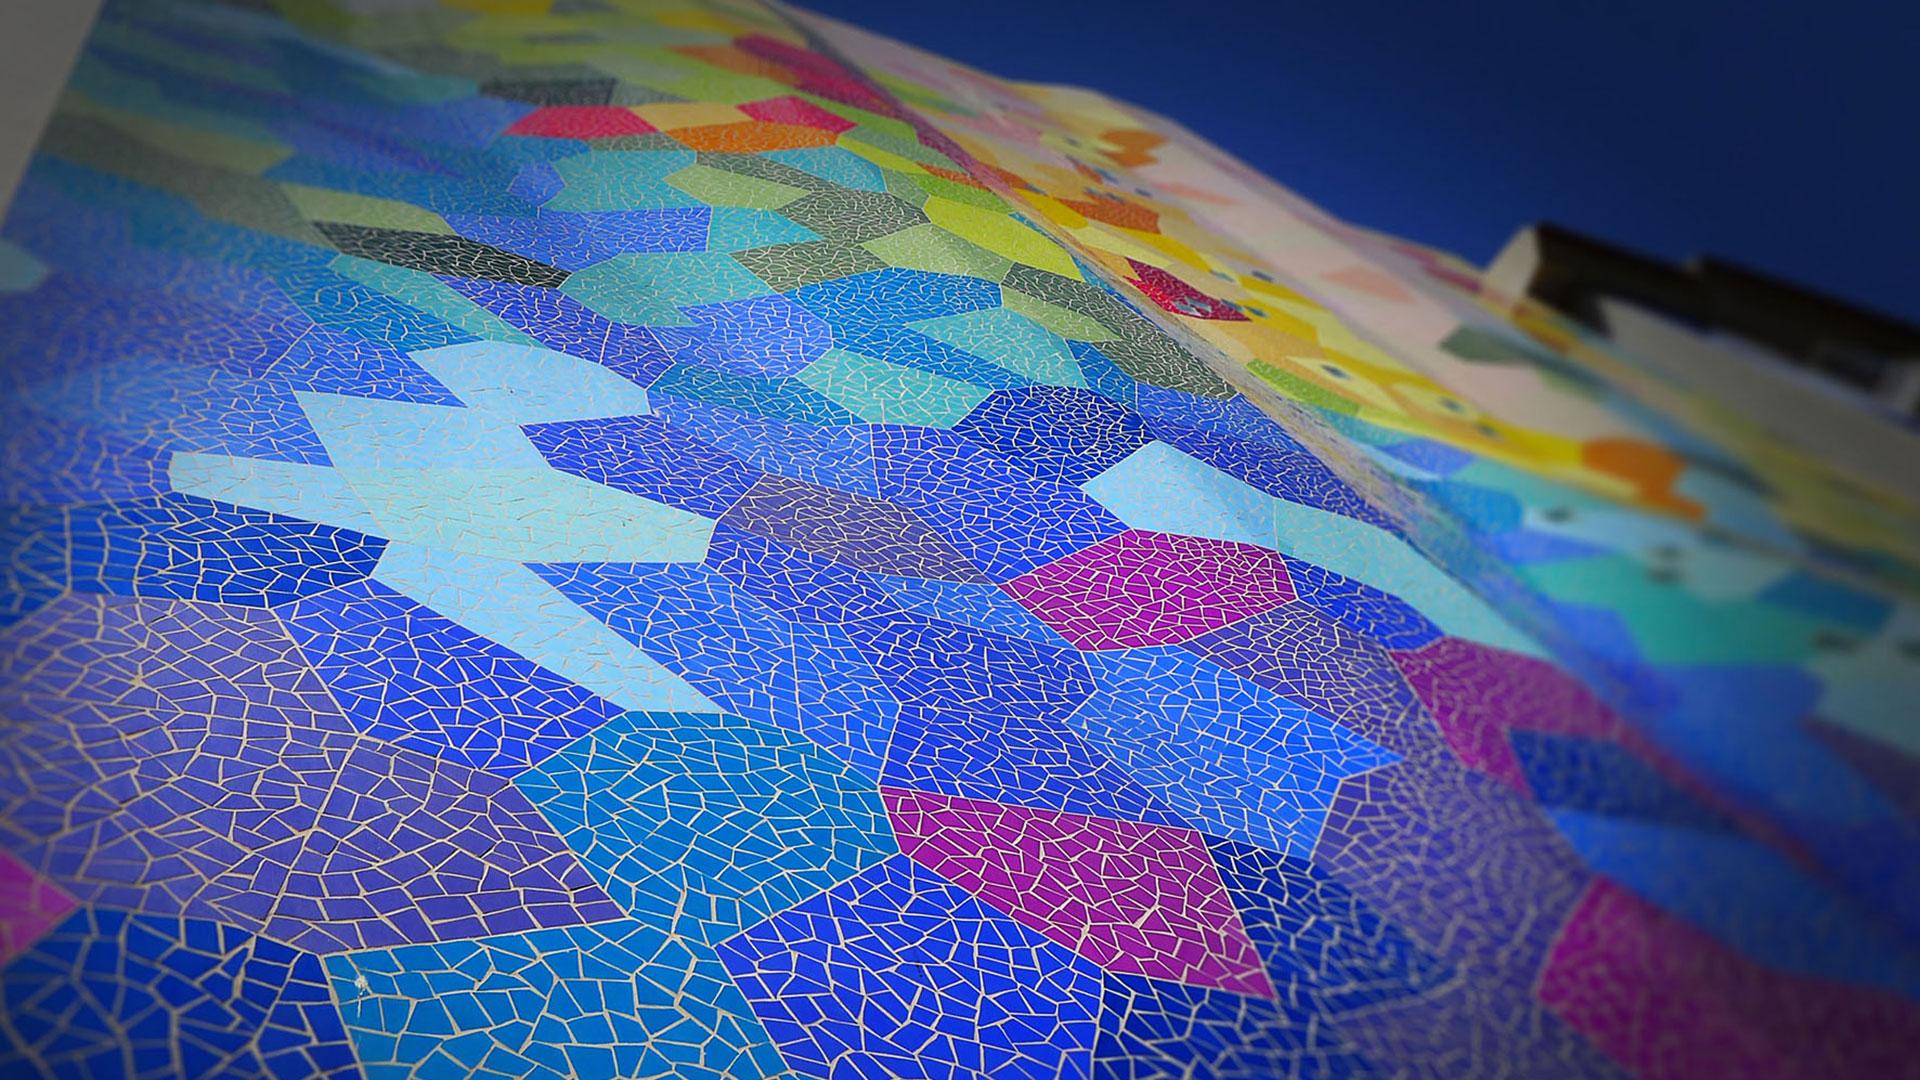 color-ona-mosaicoFachada color trencadís mosaico